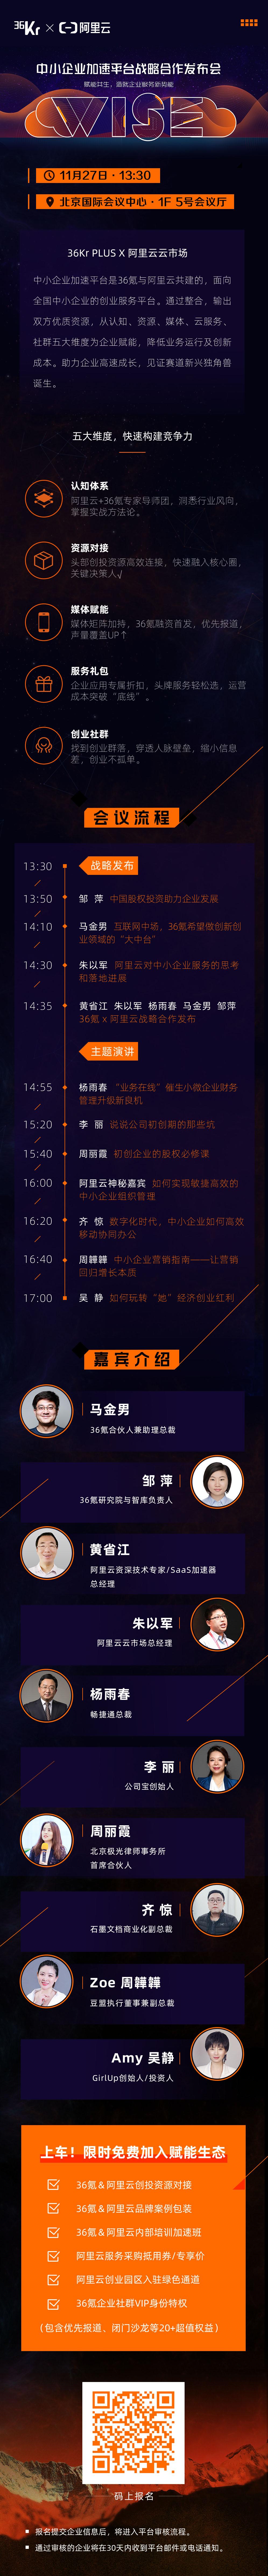 11-18阿里云-长图源文件.jpg